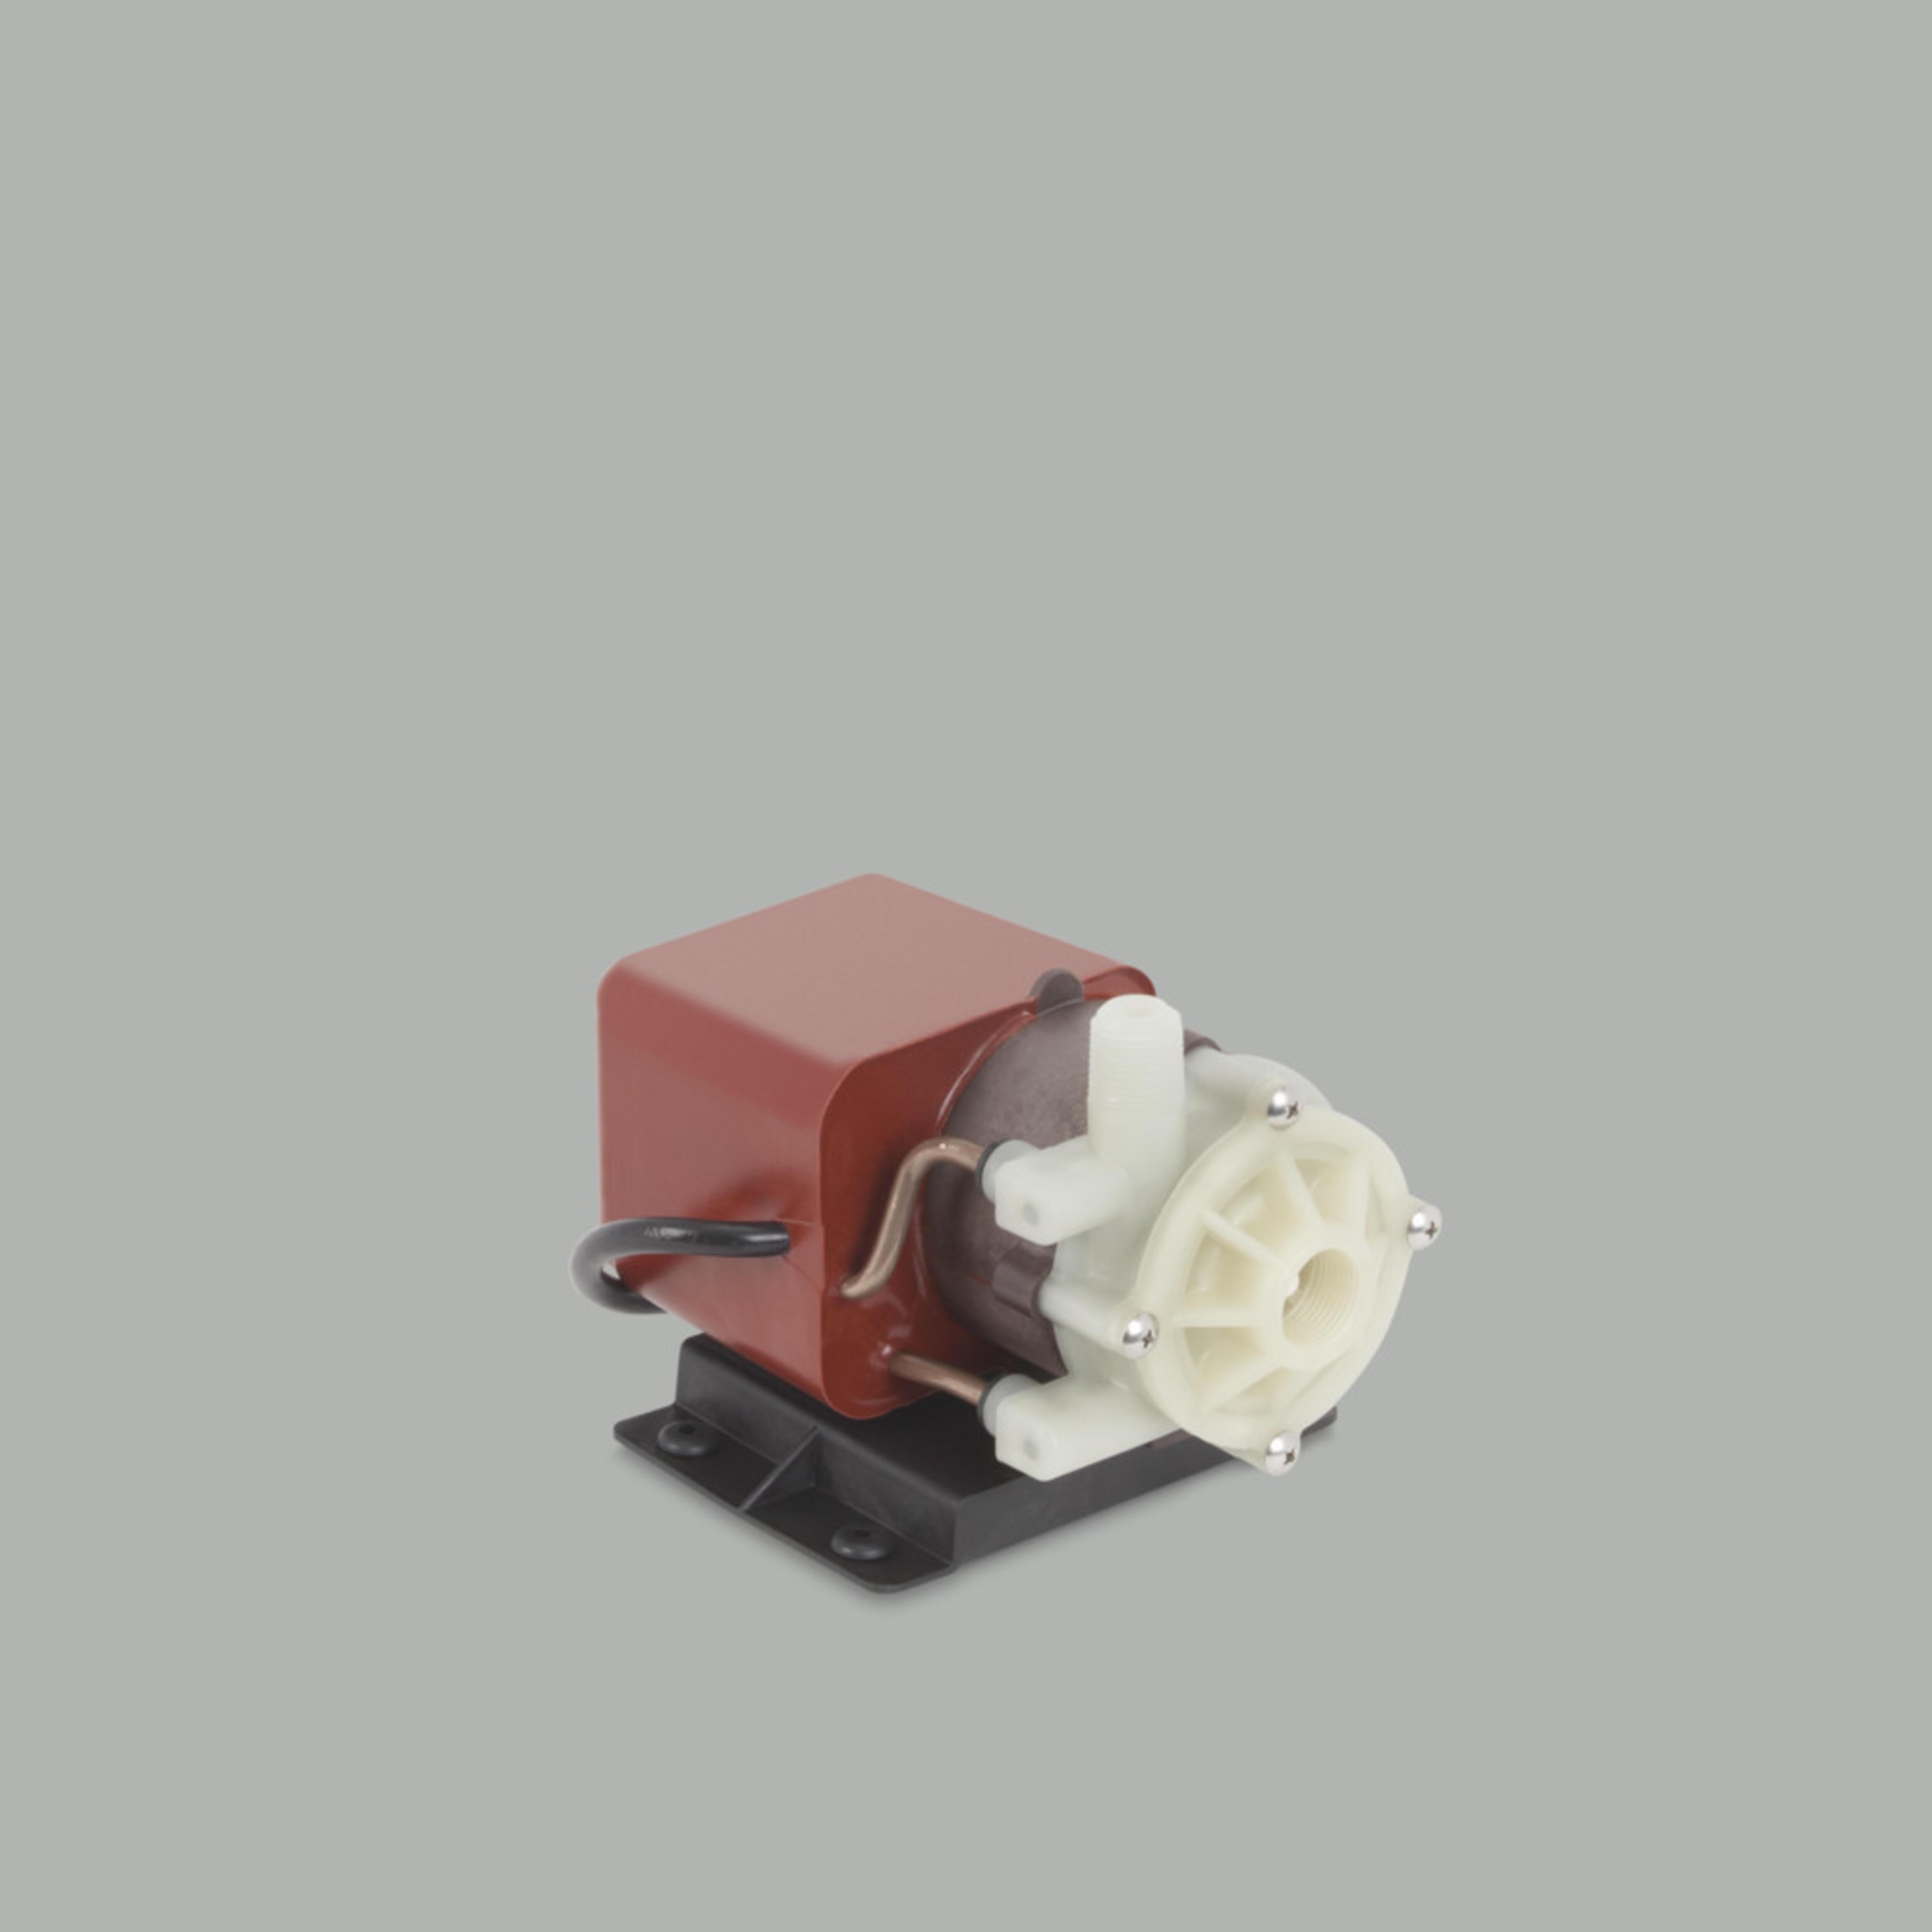 Dometic DX P800 PMA1000